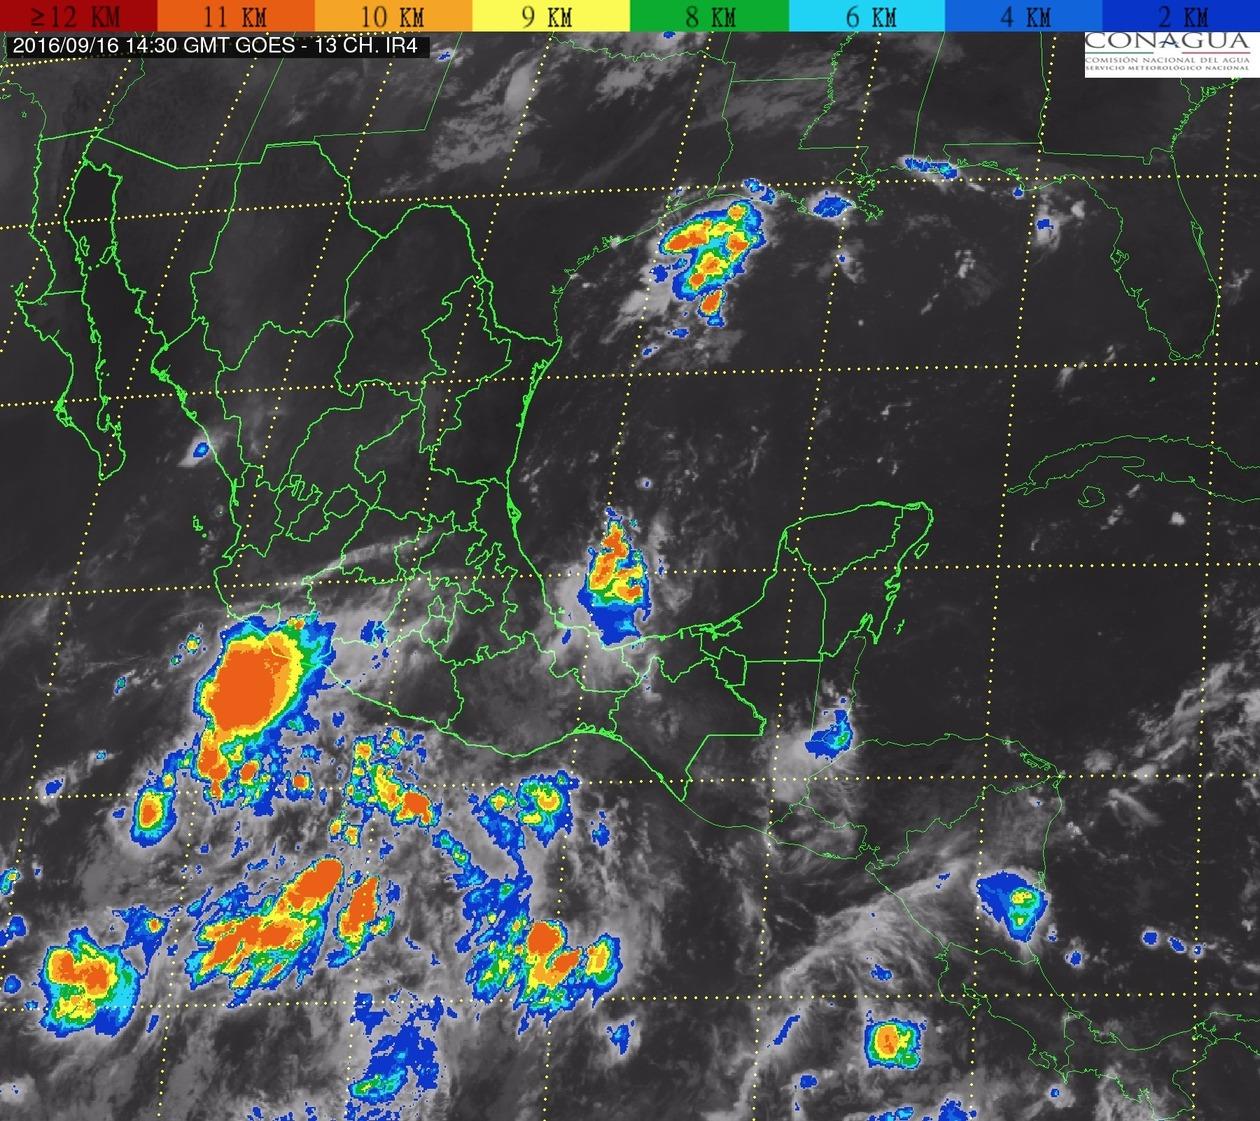 Continúa la probabilidad de tormentas intensas en Michoacán, Guerrero y Chiapas, para las siguientes horas.